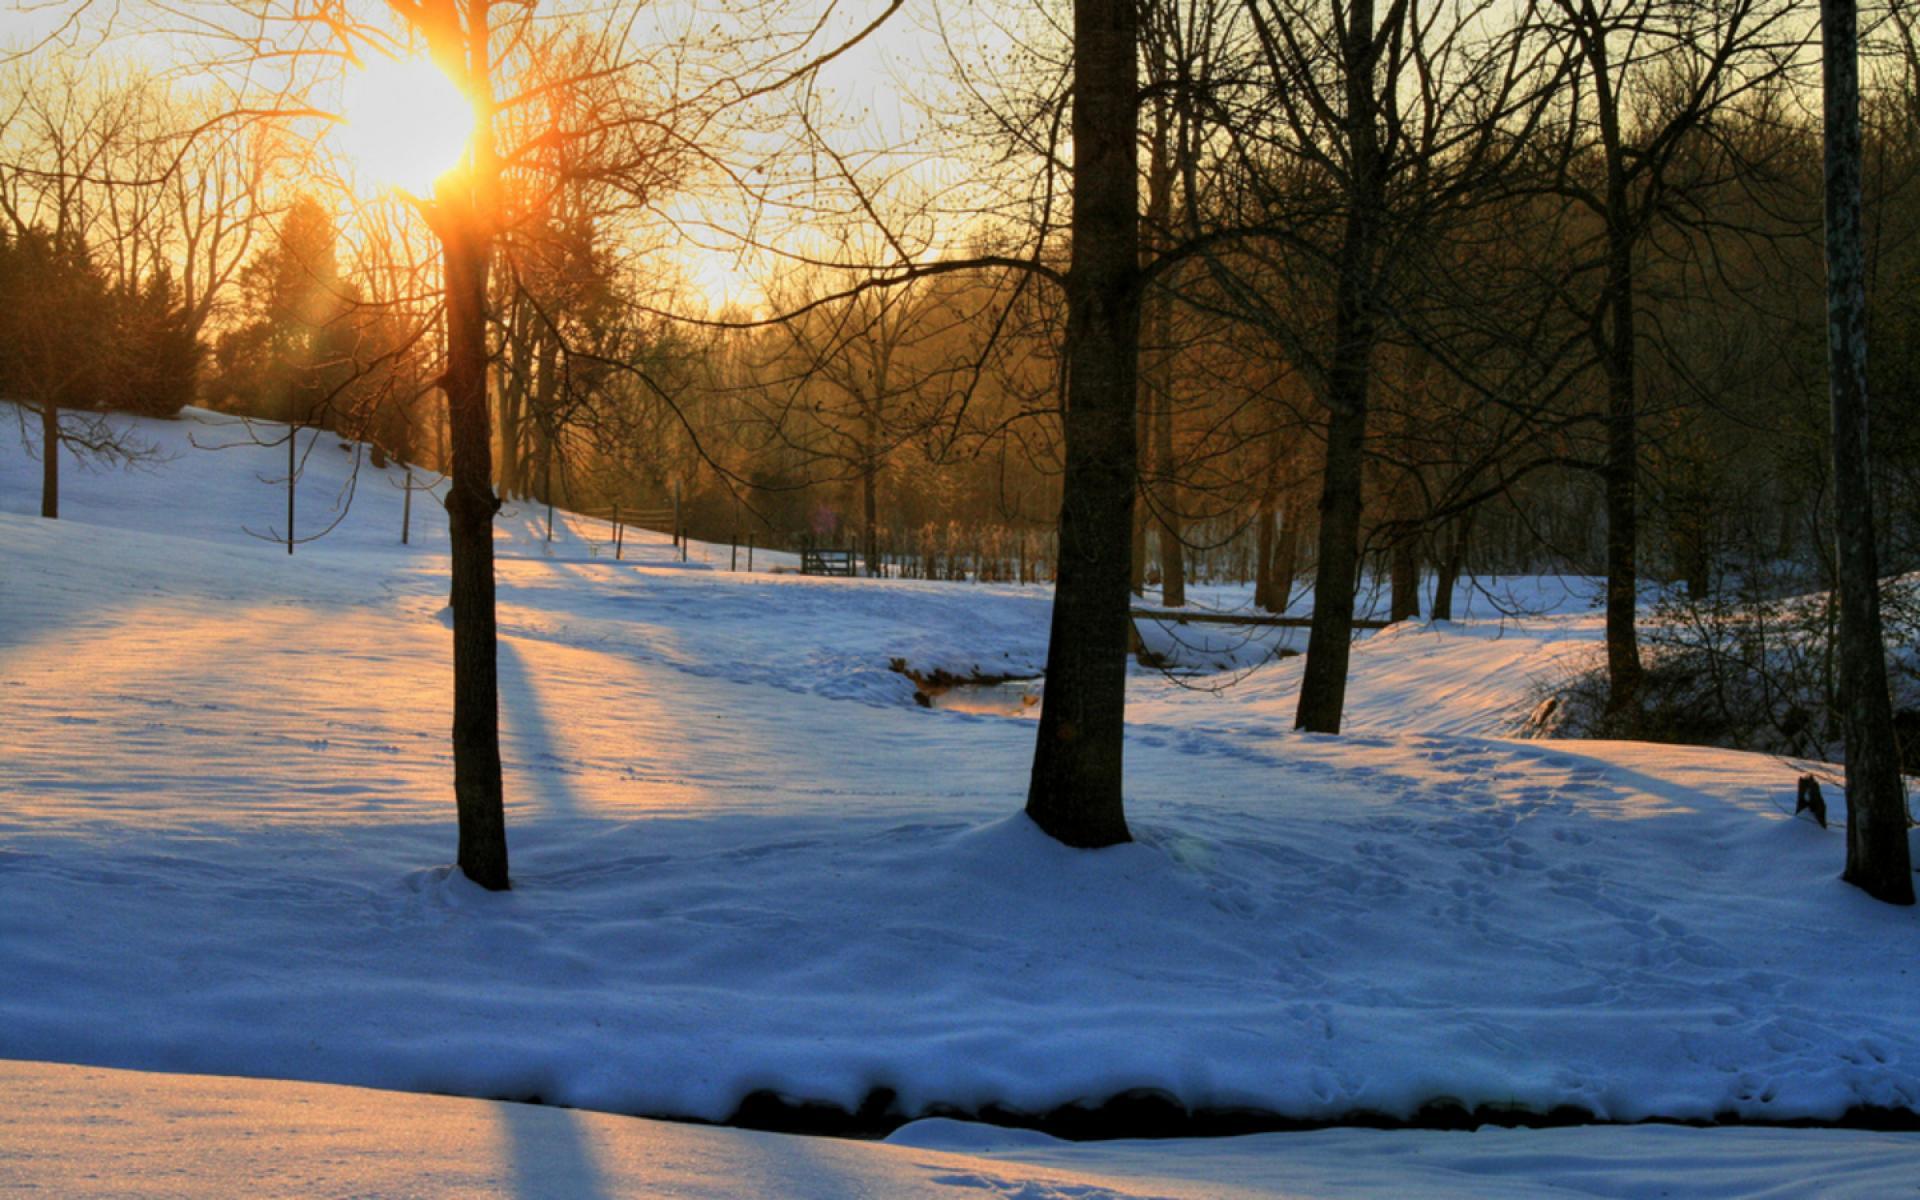 عکس های فوق العاده زیبا از طلوع خورشید